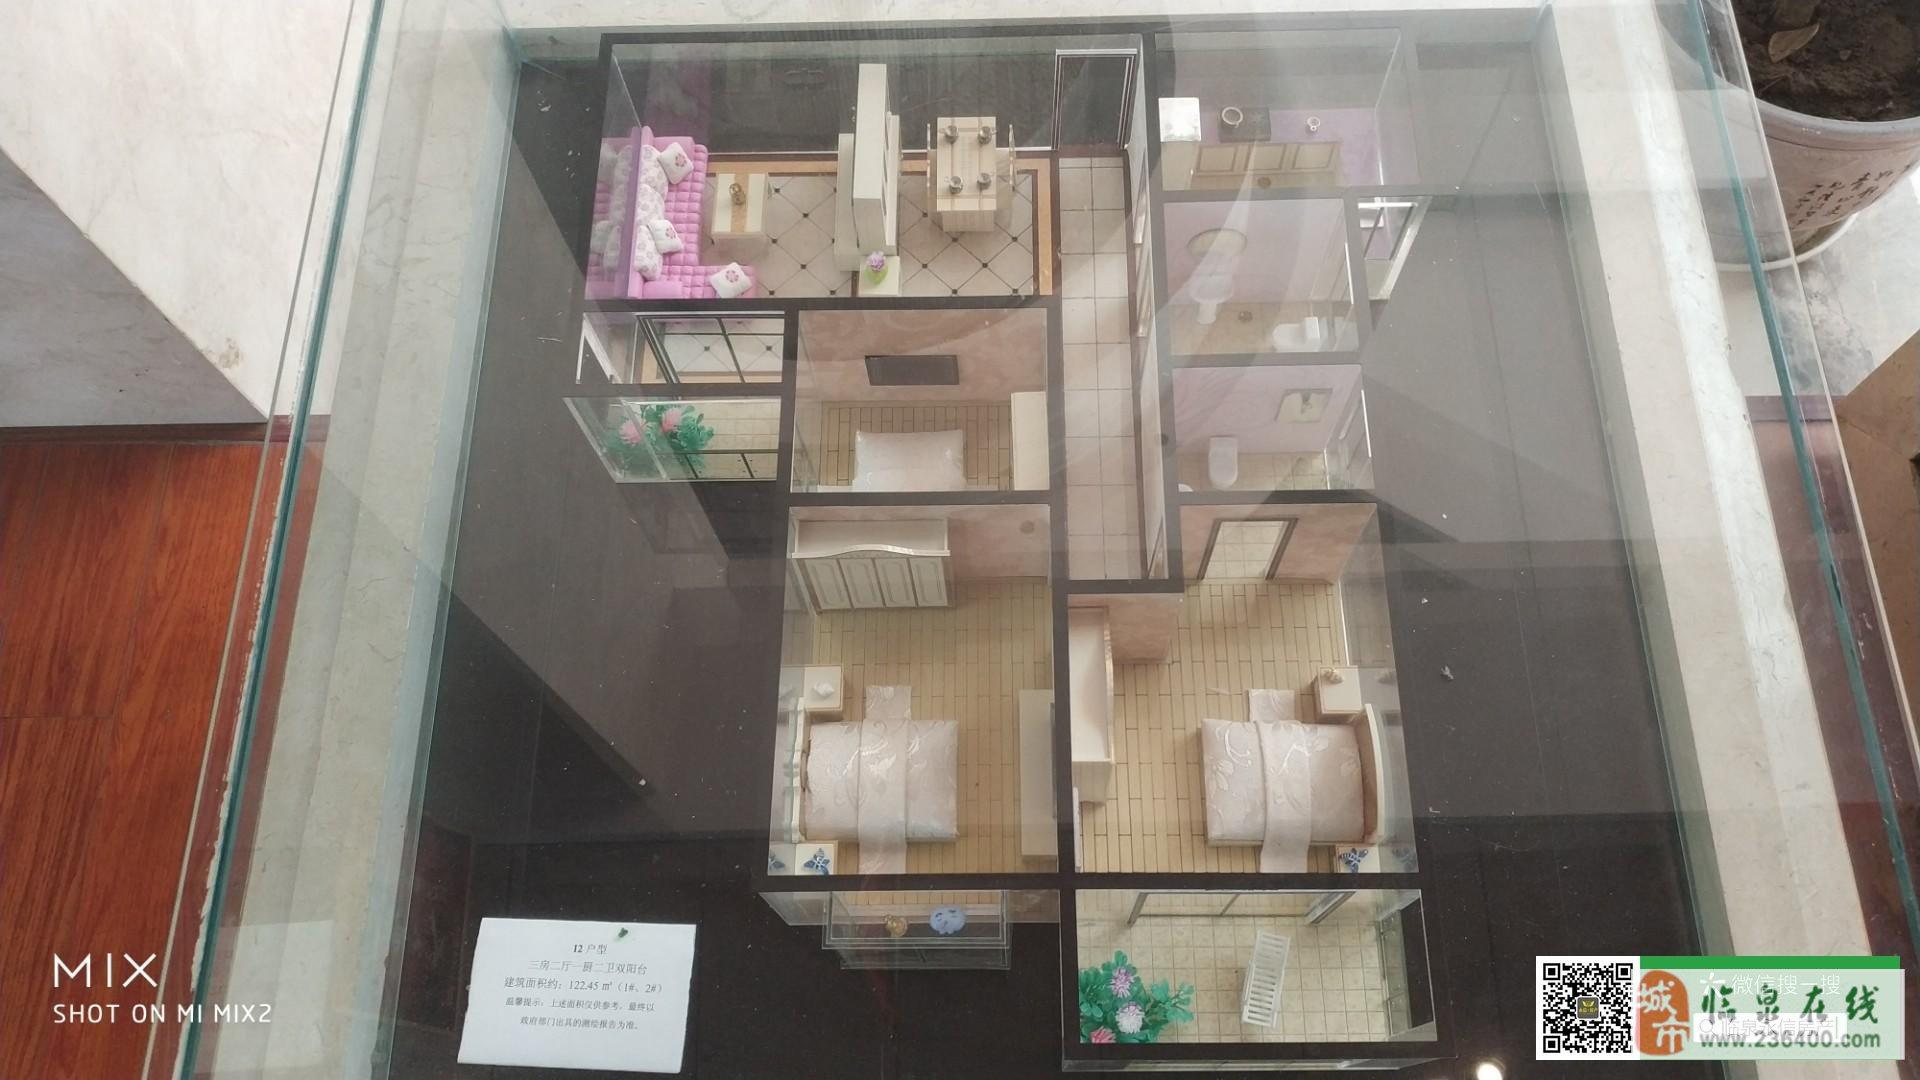 御水华府3室2厅1卫+双阳光+临泉首个观景电梯